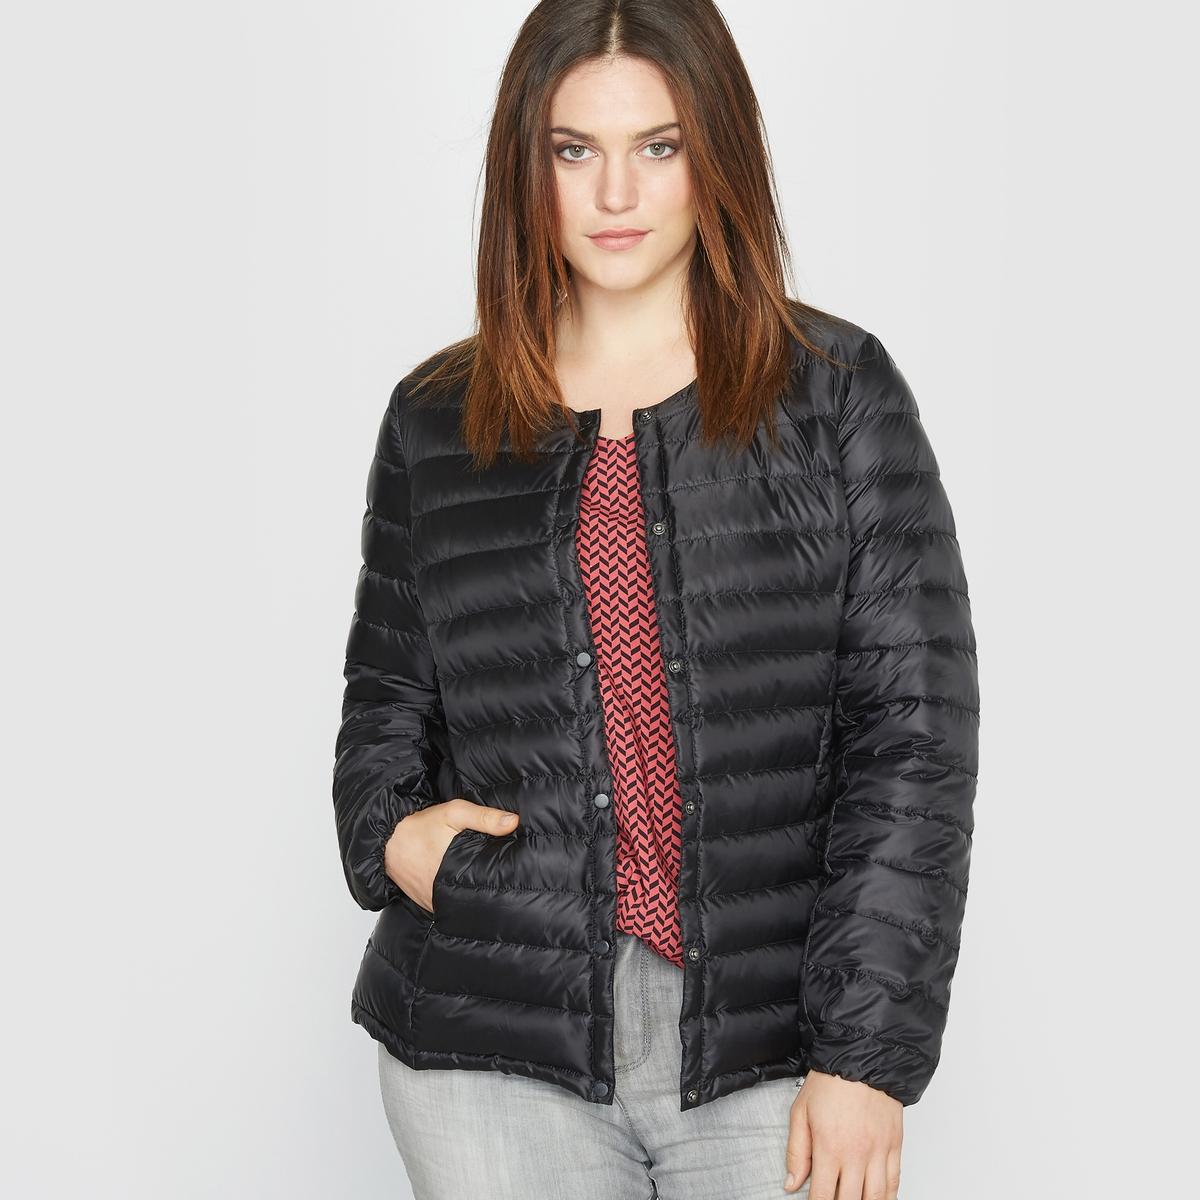 Куртка стеганая тонкаяОтличная легкая куртка! Демисезонная легкая куртка является неотъемлемым предметом базового гардероба.Детали   • Длина : укороченная  •  Без воротника  •  Застежка на пуговицыСостав и уход •  100% полиэстер   •  Материал : 90% пуха, 10% пера •  Температура стирки 30° на деликатном режиме   •  Сухая чистка и отбеливание запрещены •  Не использовать барабанную сушку •  Не гладить Одежда большого размера<br><br>Цвет: малиновый,темно-синий,черный<br>Размер: 42 (FR) - 48 (RUS).44 (FR) - 50 (RUS).48 (FR) - 54 (RUS).50 (FR) - 56 (RUS)